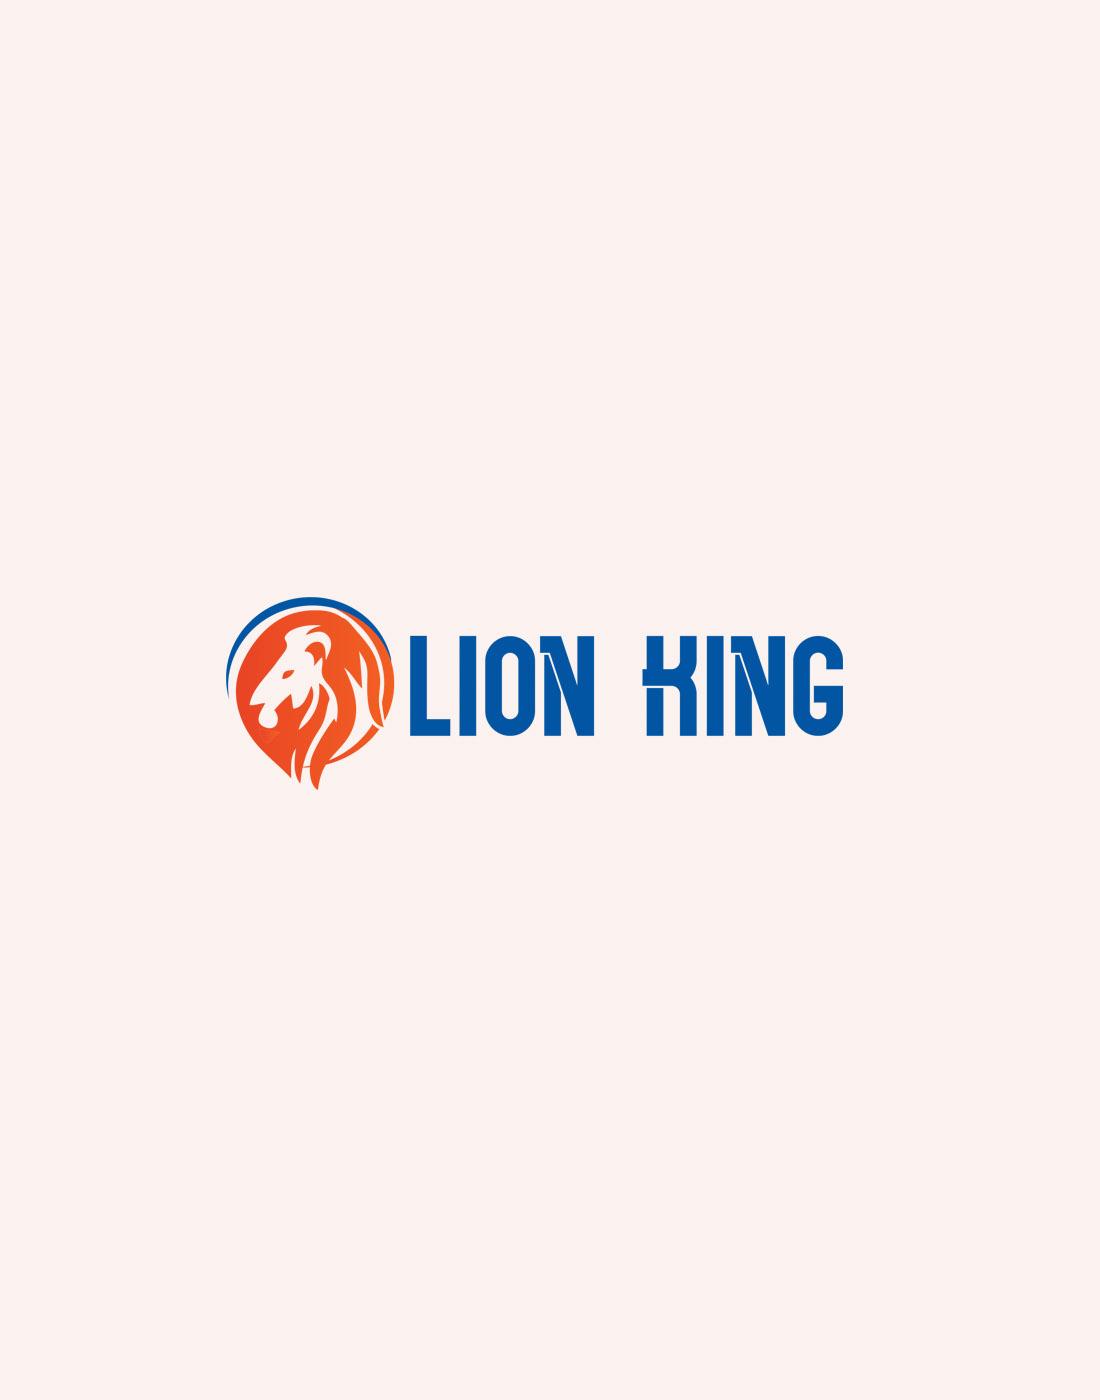 lion_king_logo